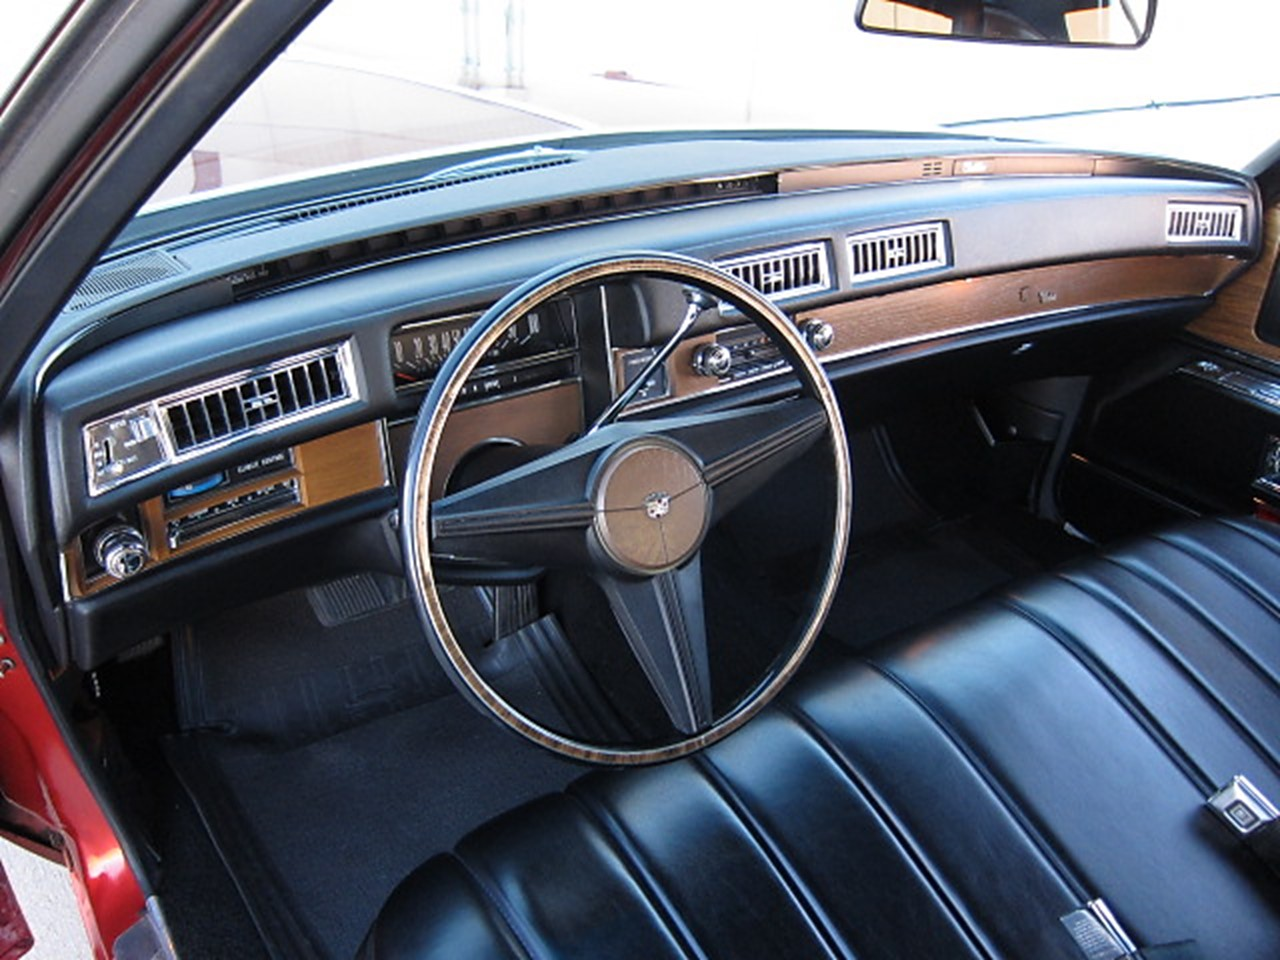 1975 Cadillac Calais Coupe Notoriousluxury